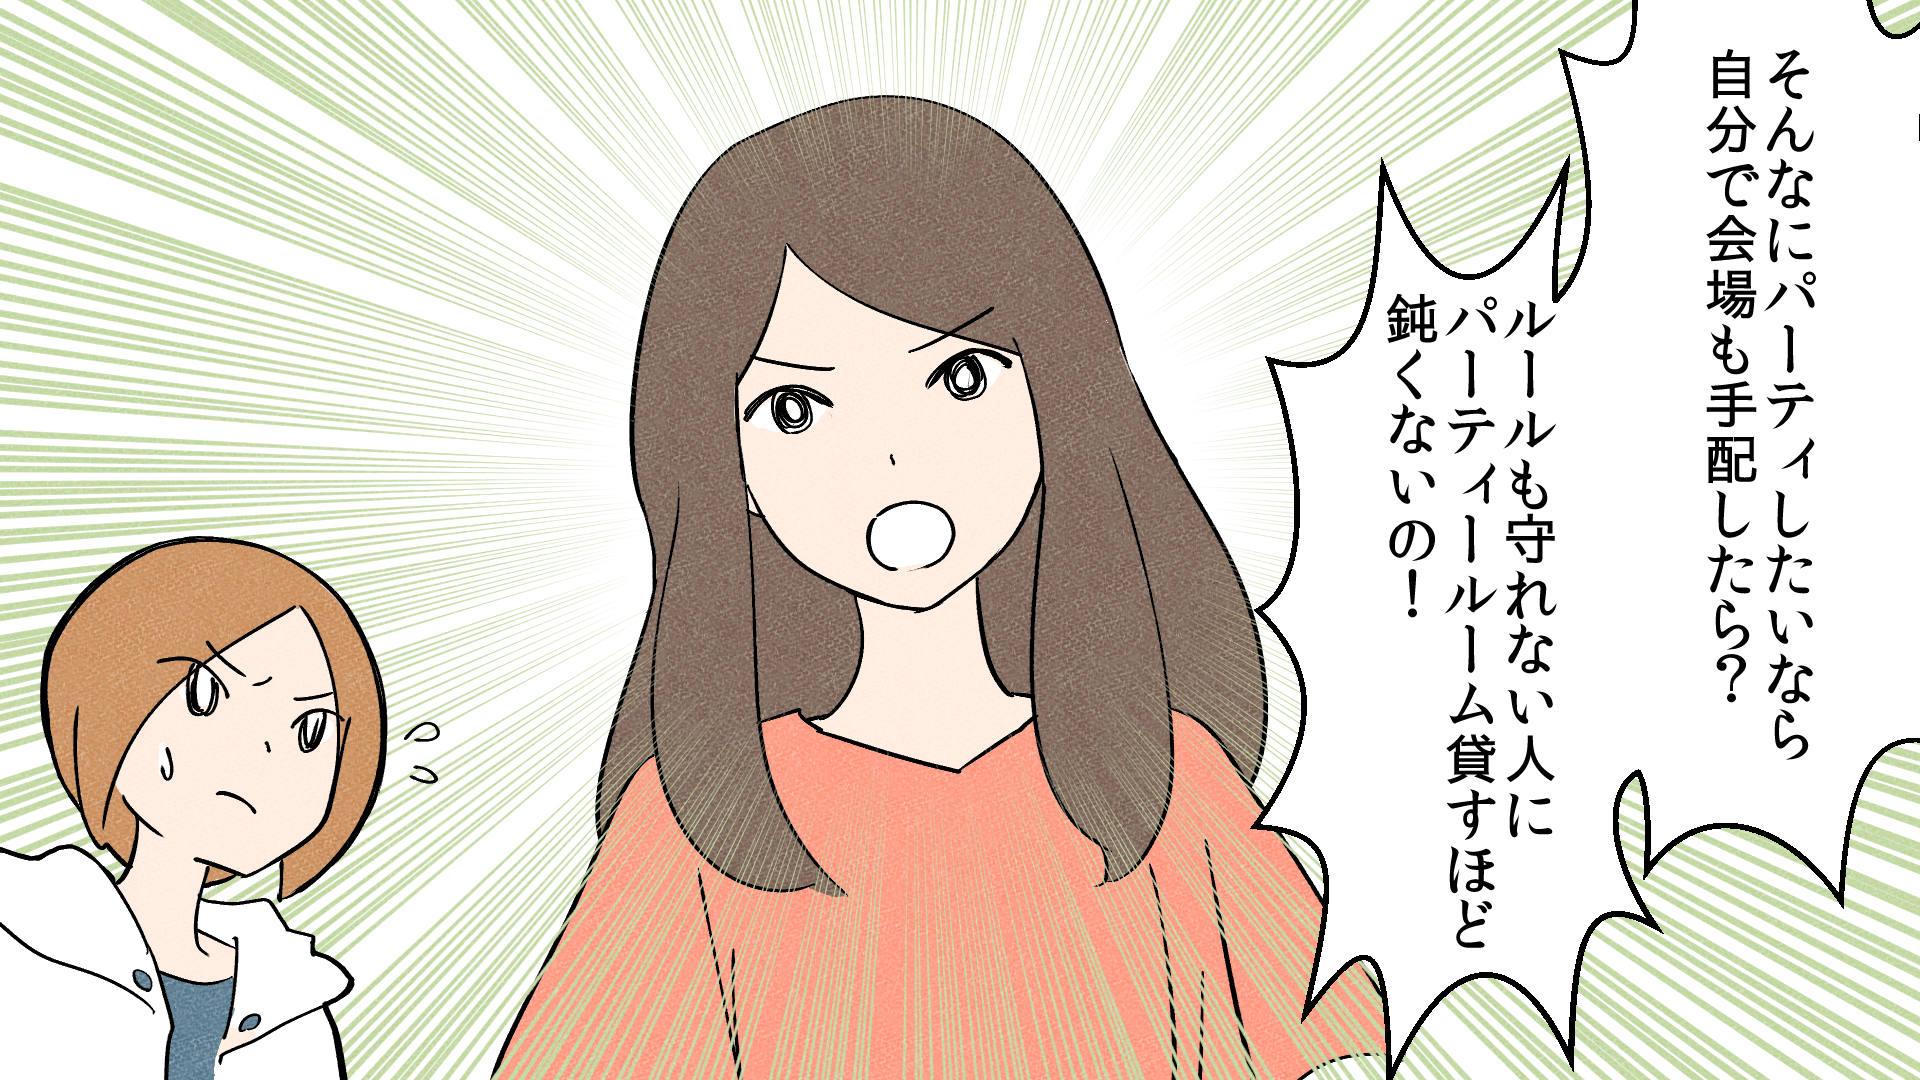 断っても要求を続けるおねだりママ…撃退に成功したその方法とは!?(4)